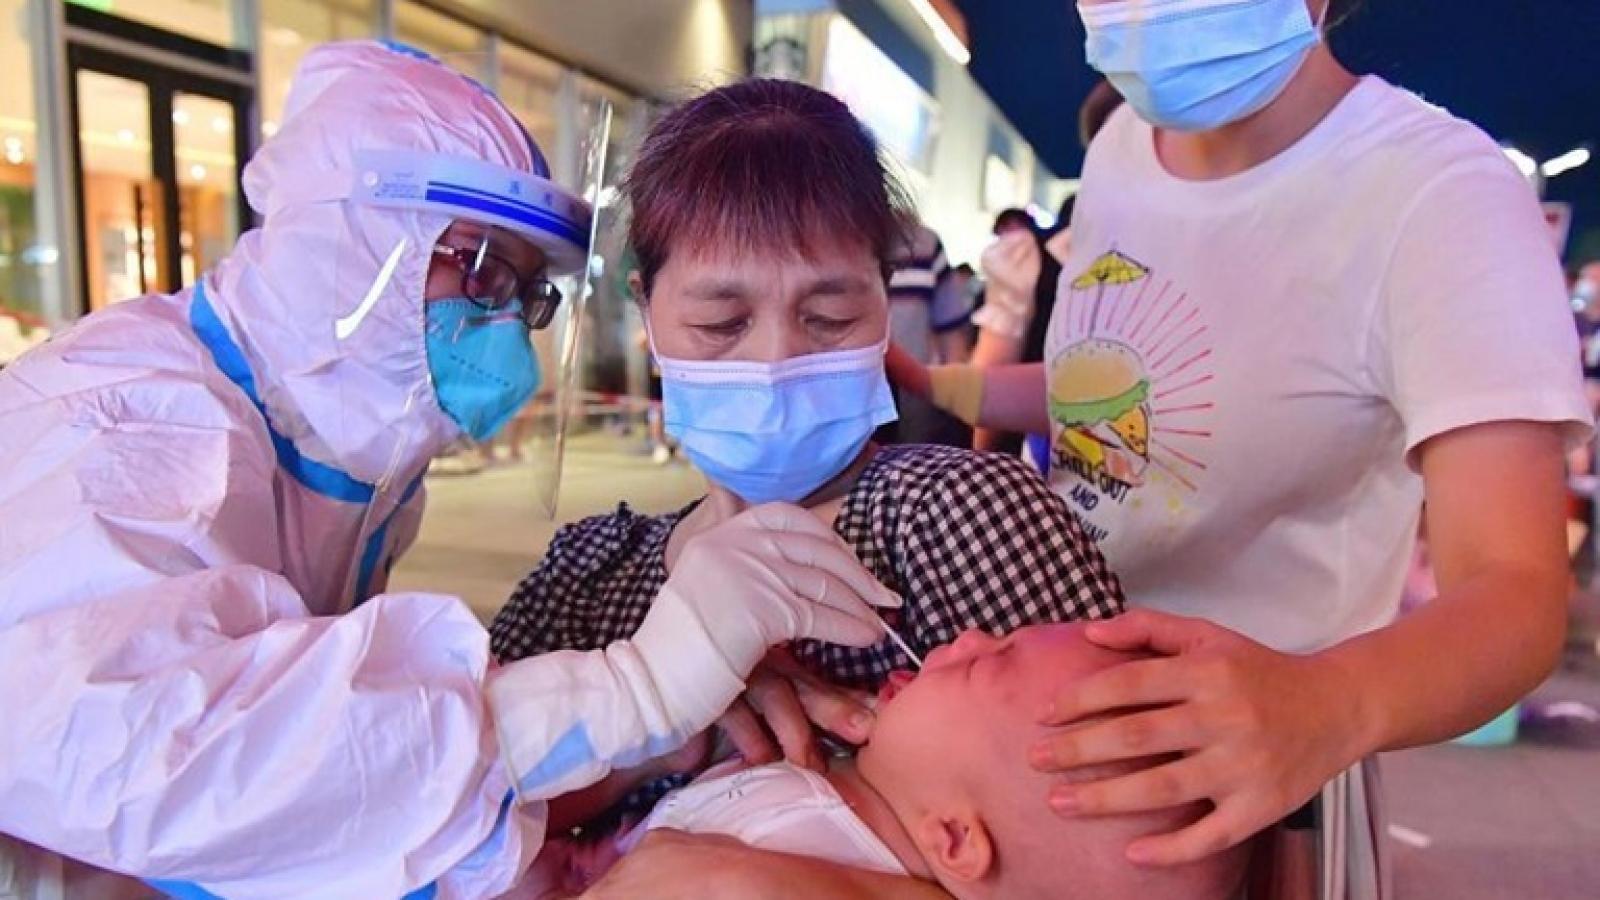 Trung Quốc ghi nhận nhiều ca mắc Covid-19 ở trẻ em, New Zealand kiên trì chiến lược Zero